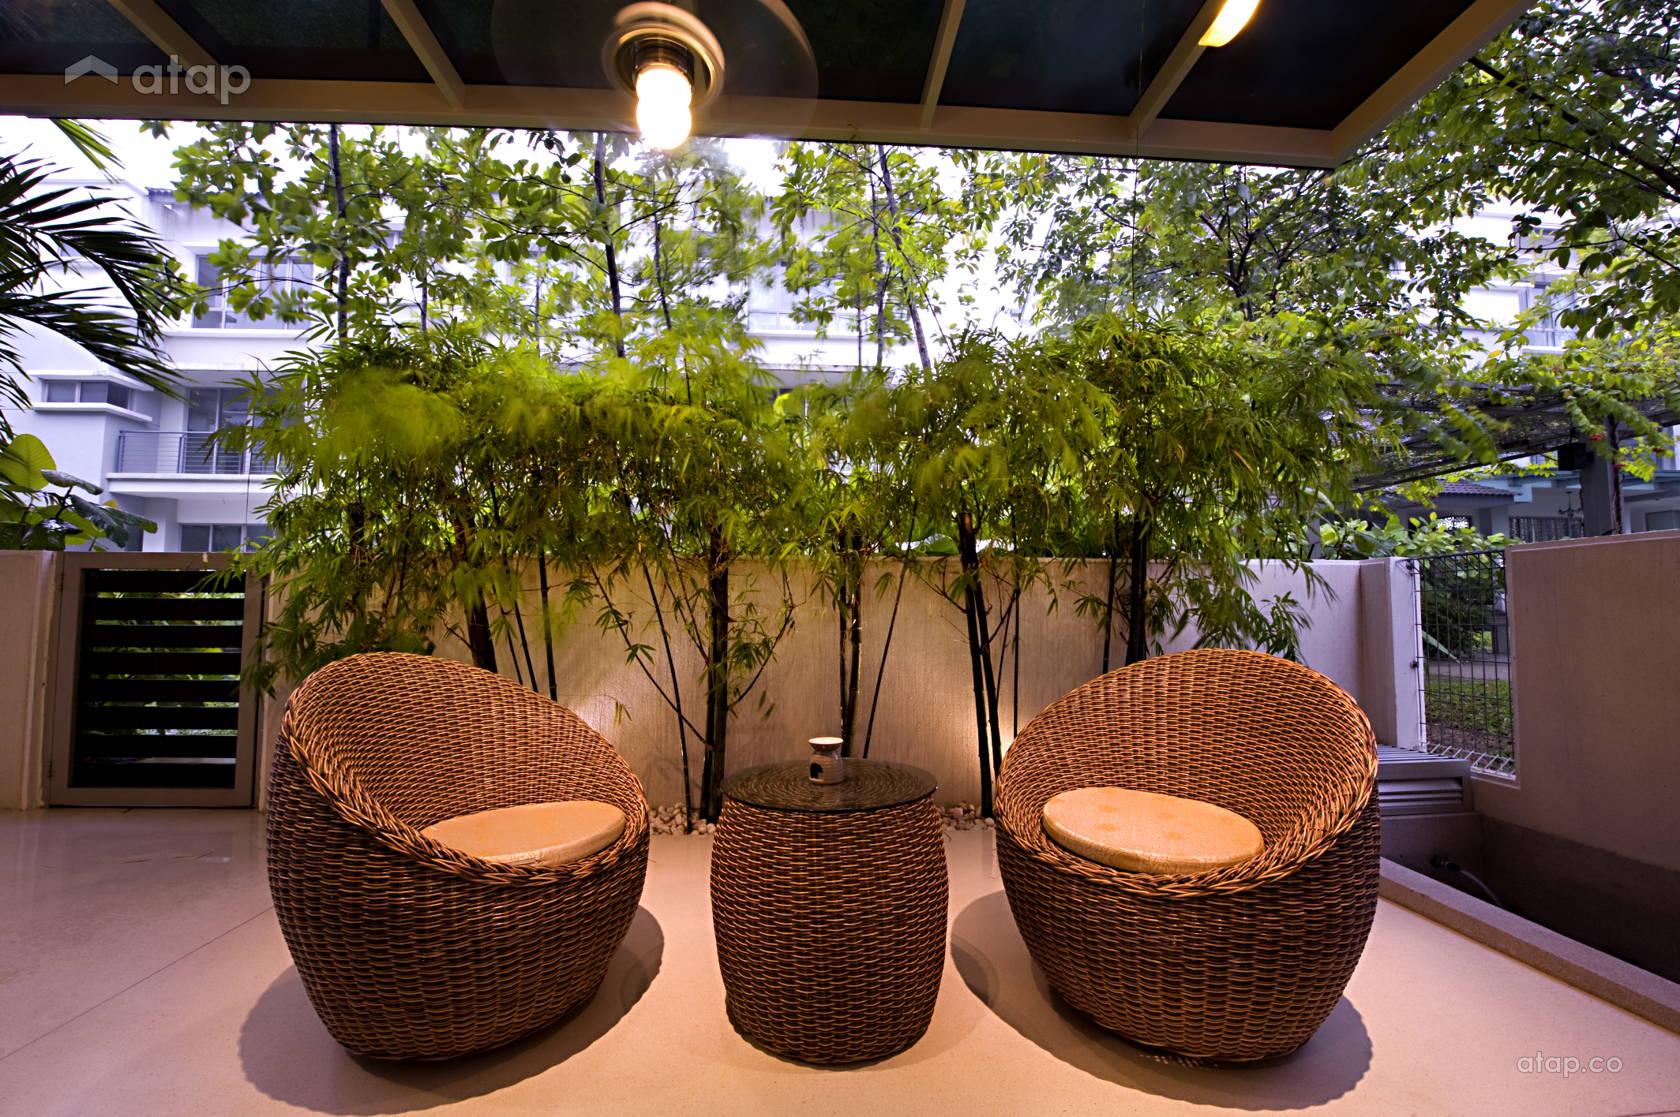 Modern Balcony Garden terrace design ideas & photos Malaysia  Atap.co